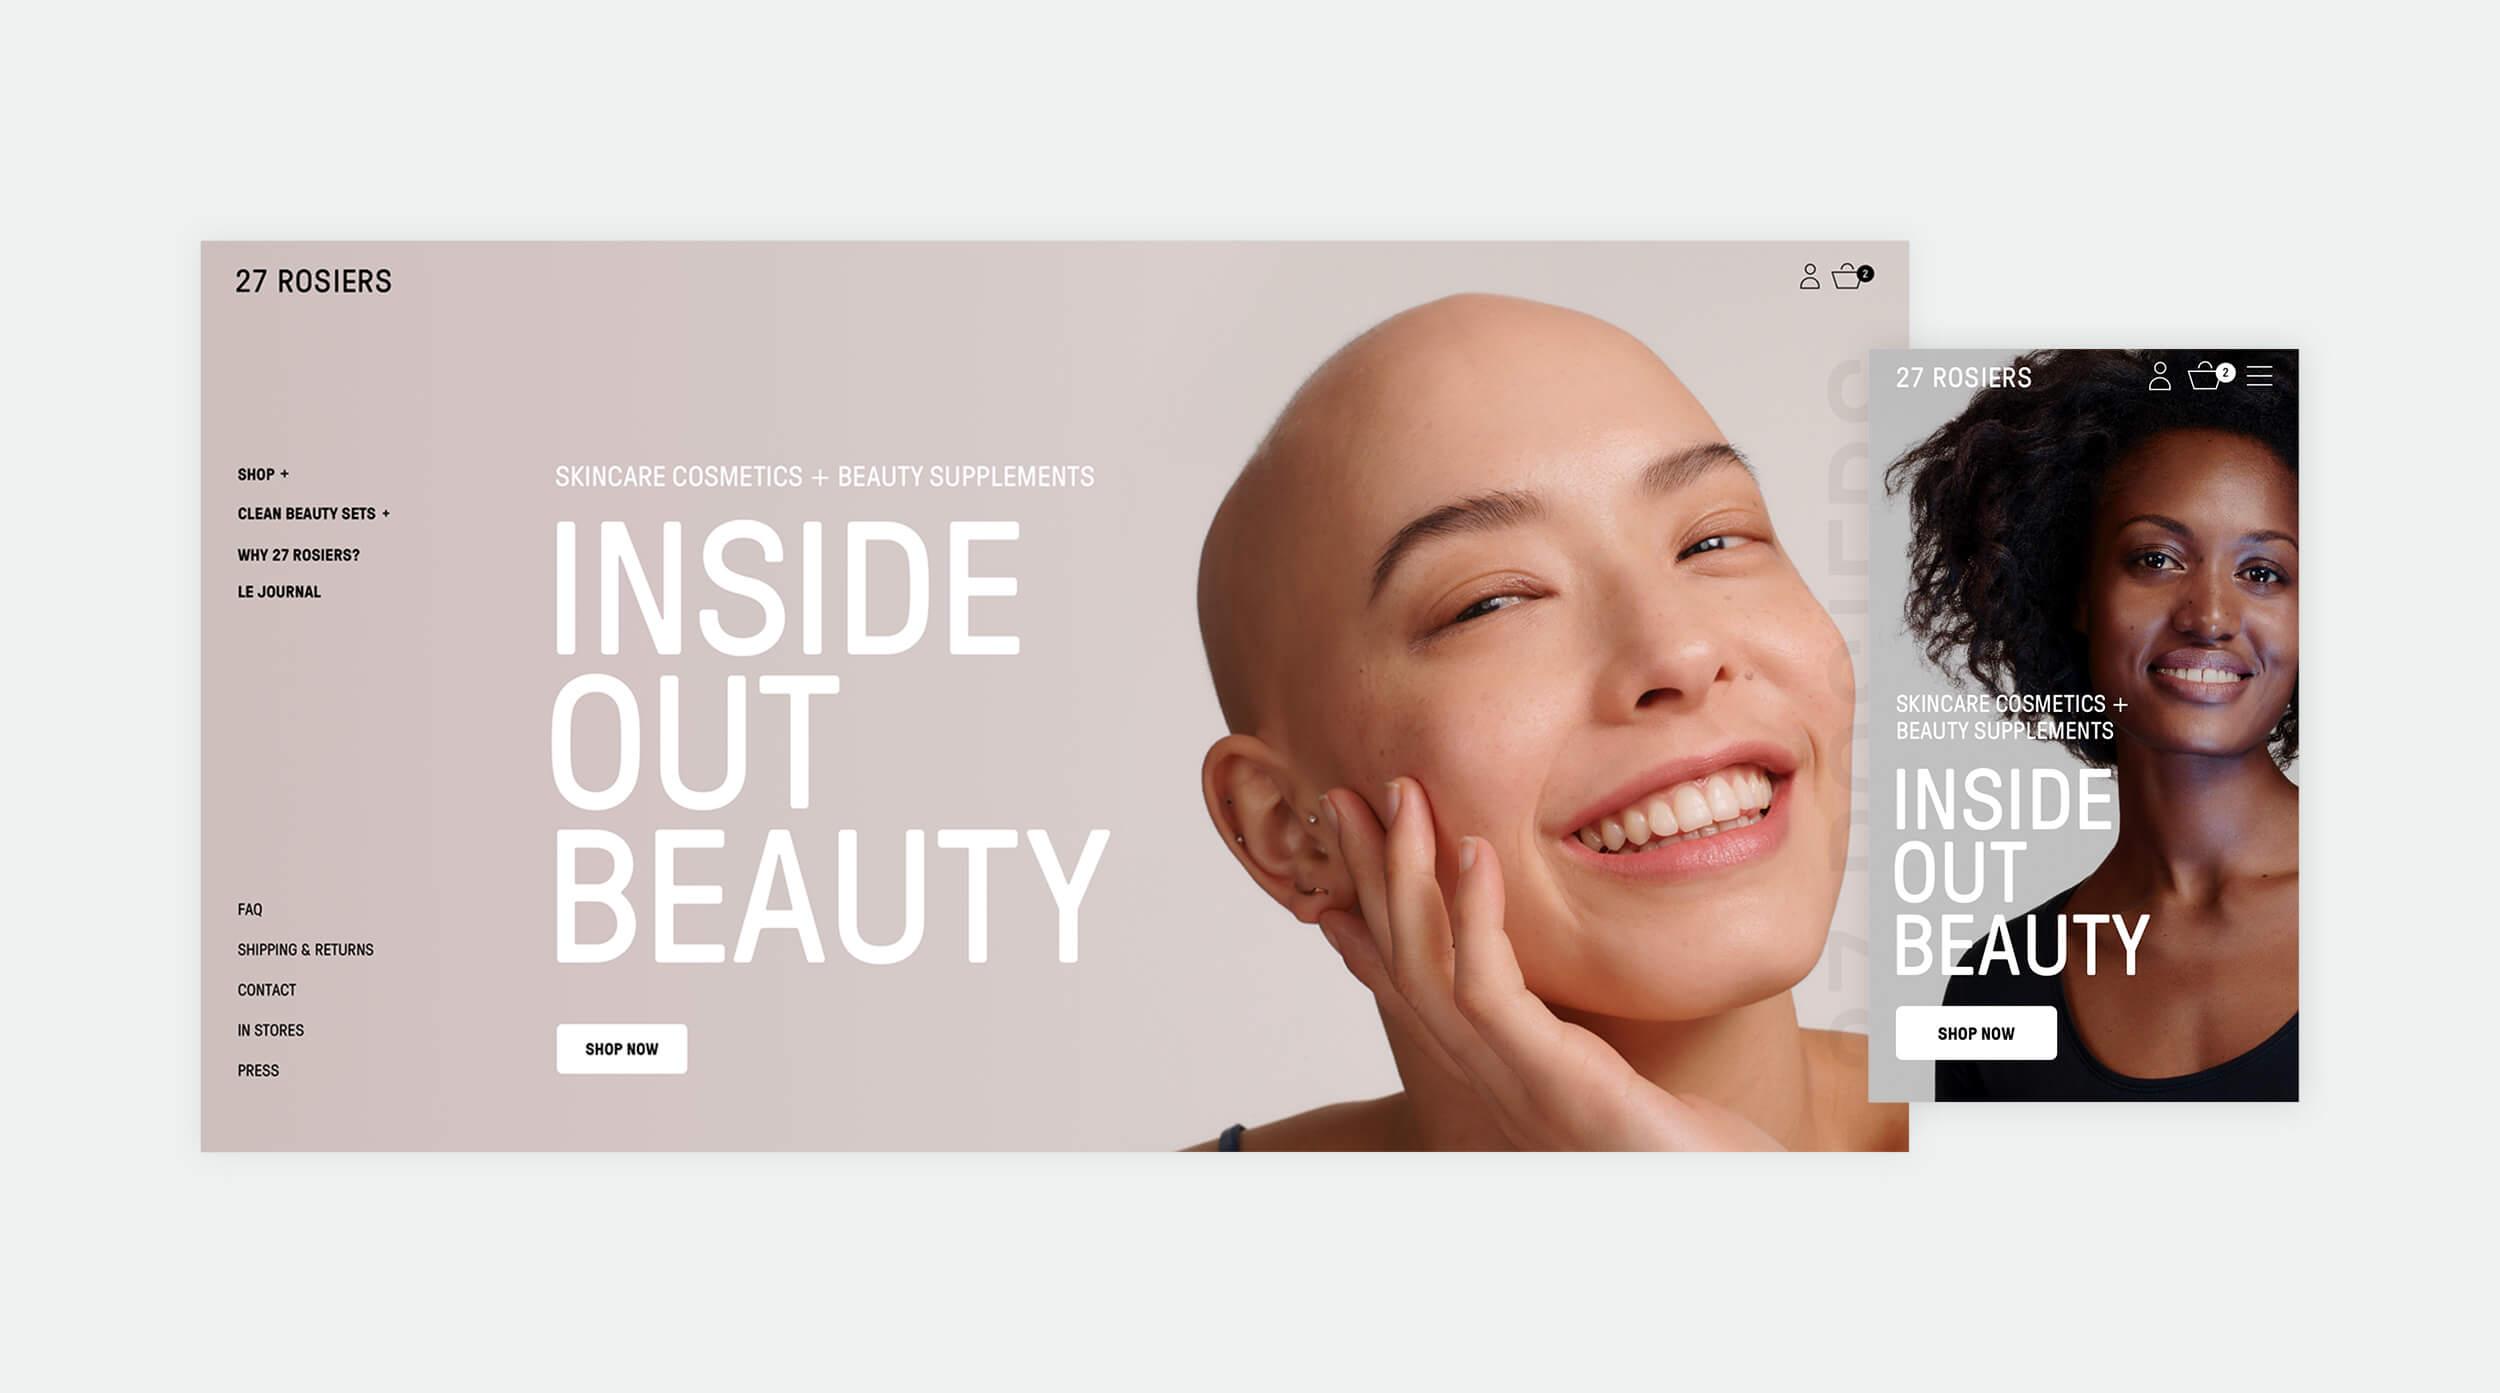 27 Rosiers Homepage